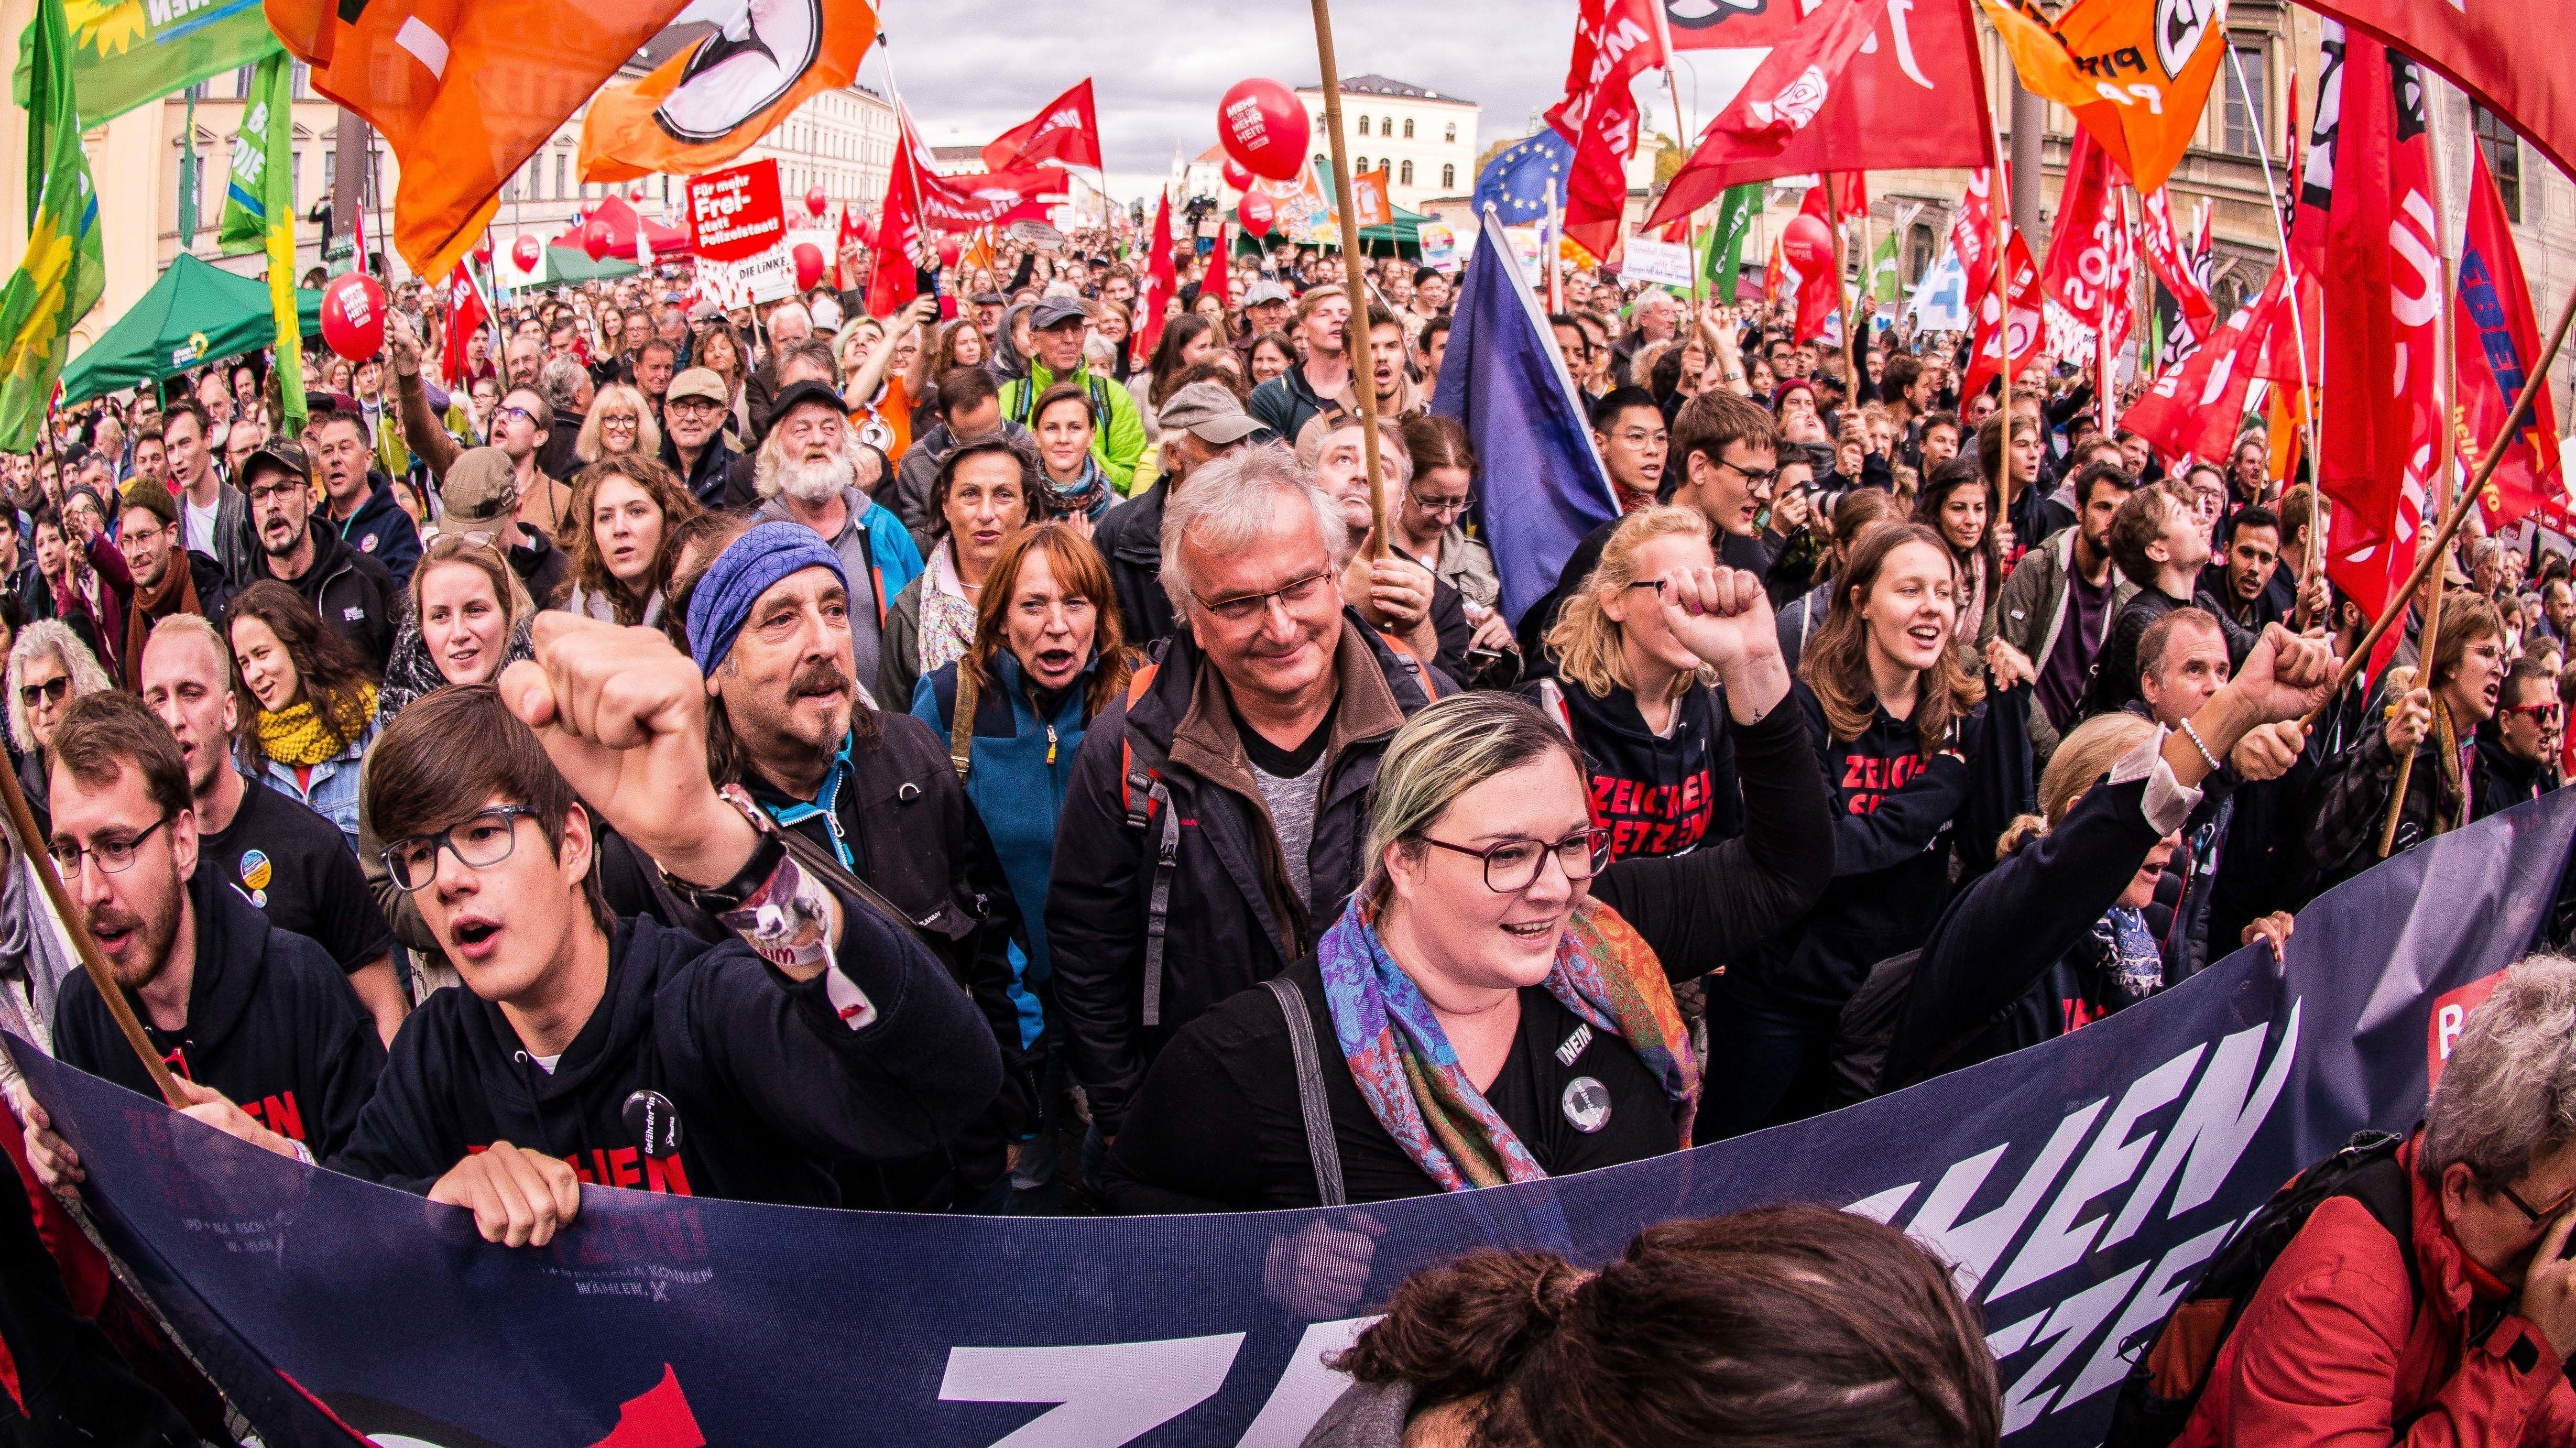 """Im Oktober 2018 protestierten in München tausende Menschen unter anderem gegen das Polizeiaufgabengesetzt, kurz """"PAG""""."""